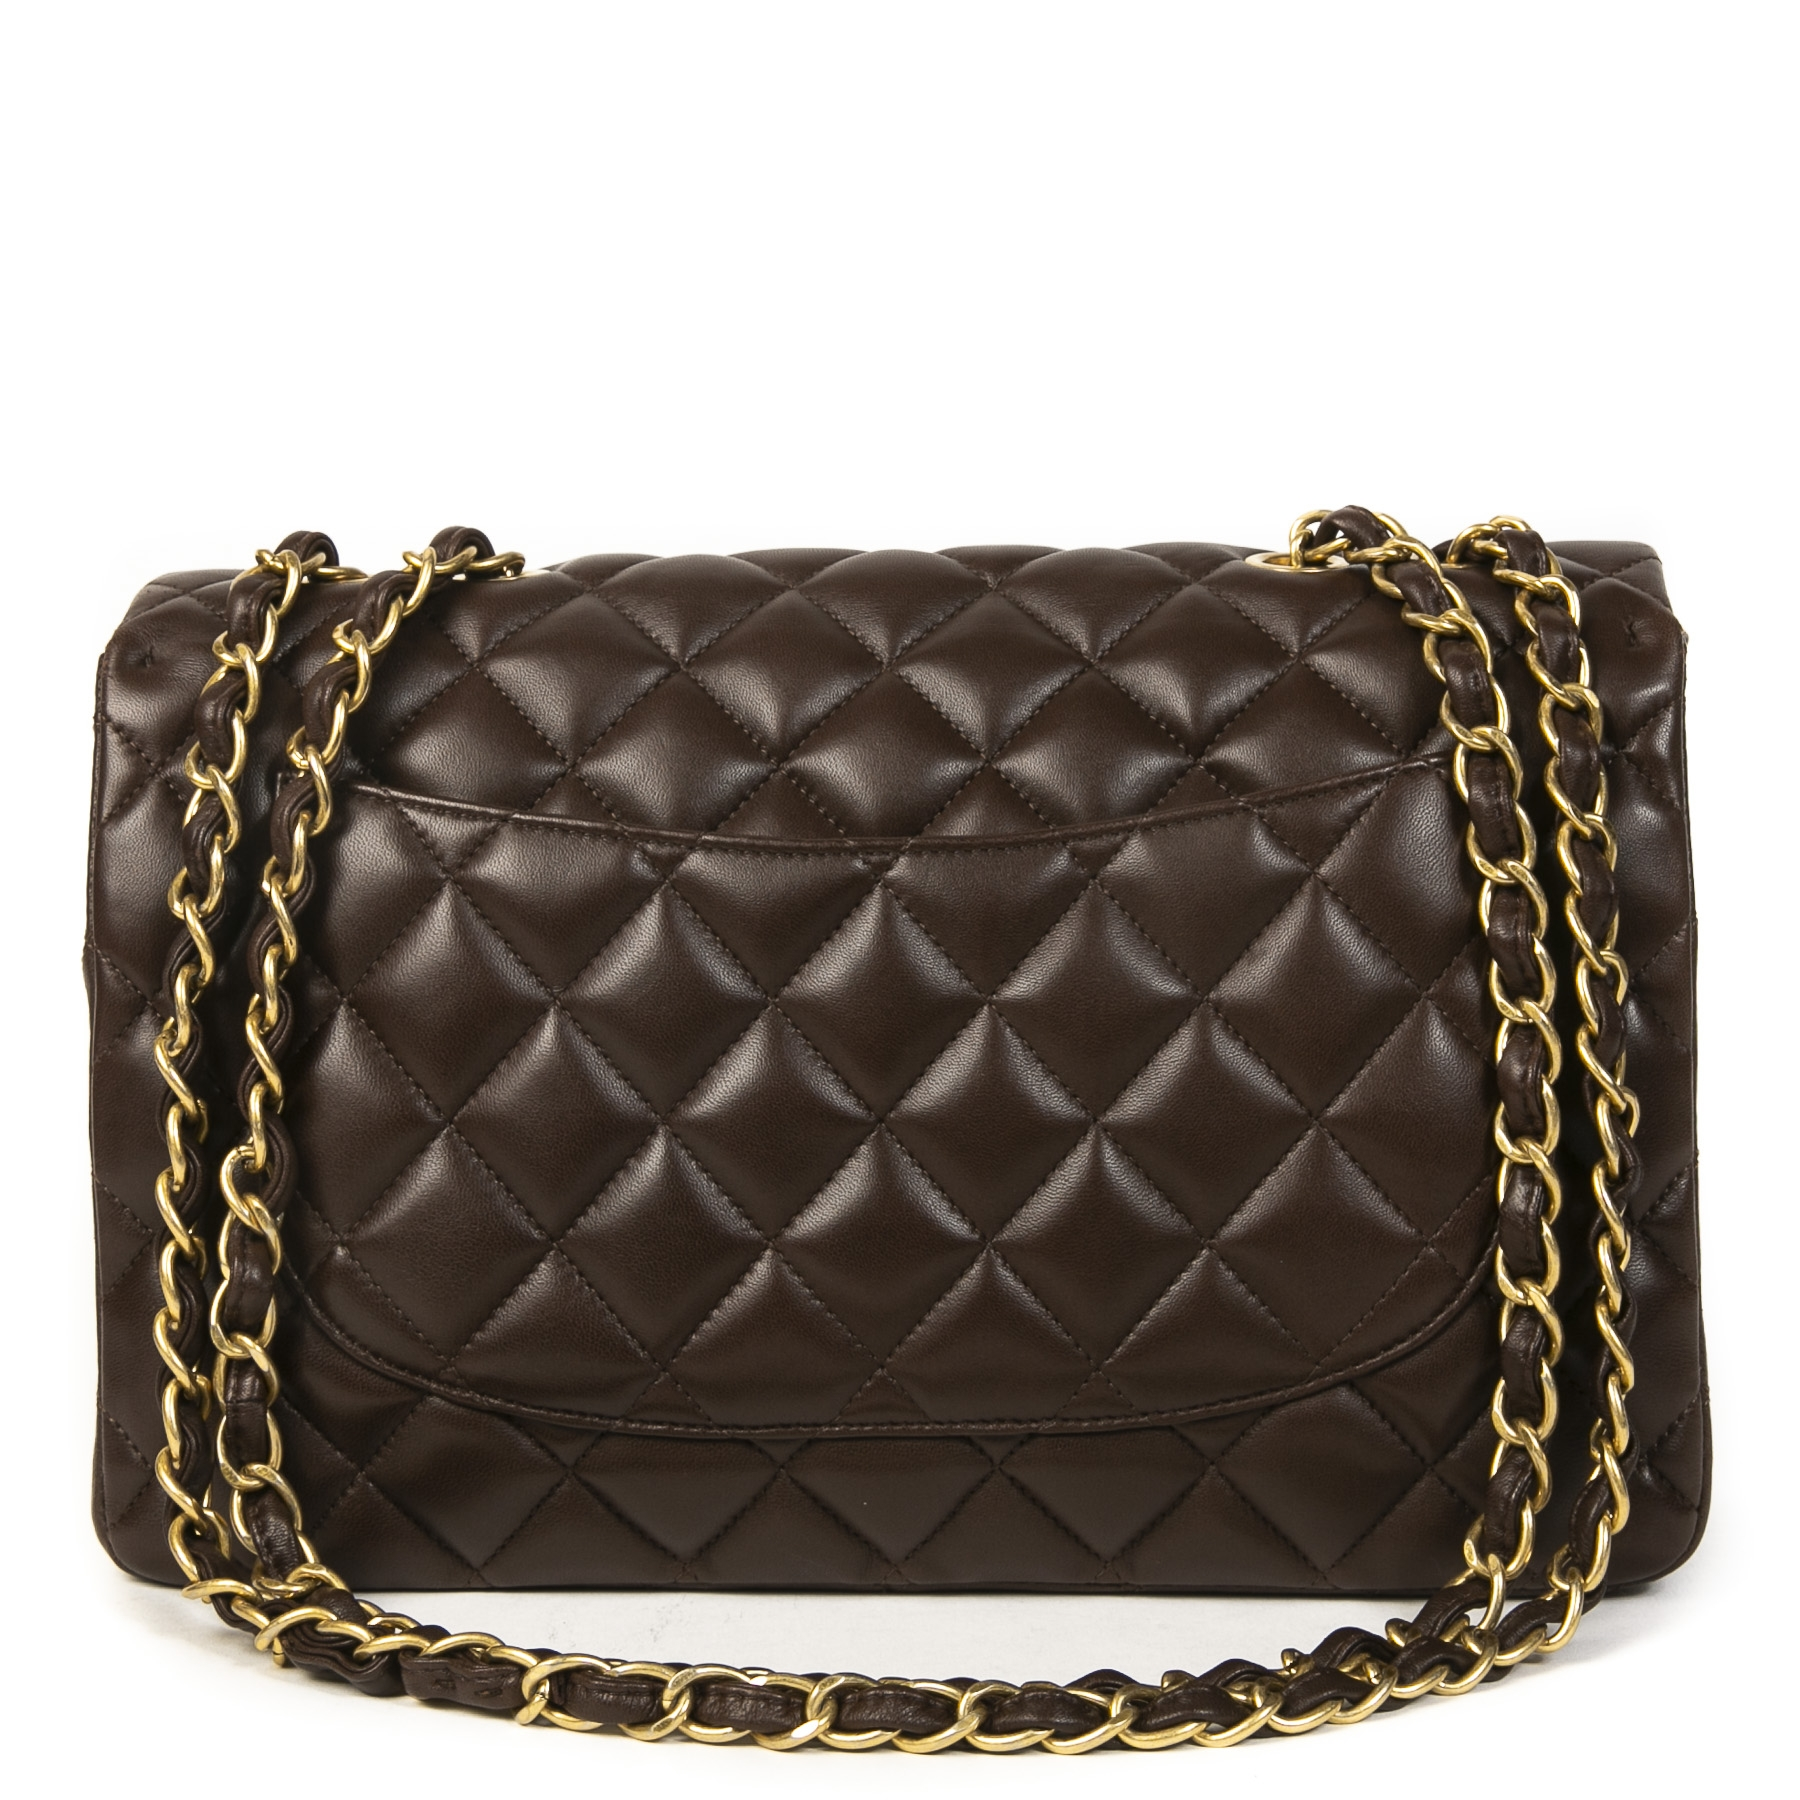 Authentieke Tweedehands Chanel Chocolate Brown Jumbo Classic Single Flap Bag juiste prijs veilig online shoppen luxe merken webshop winkelen Antwerpen België mode fashion